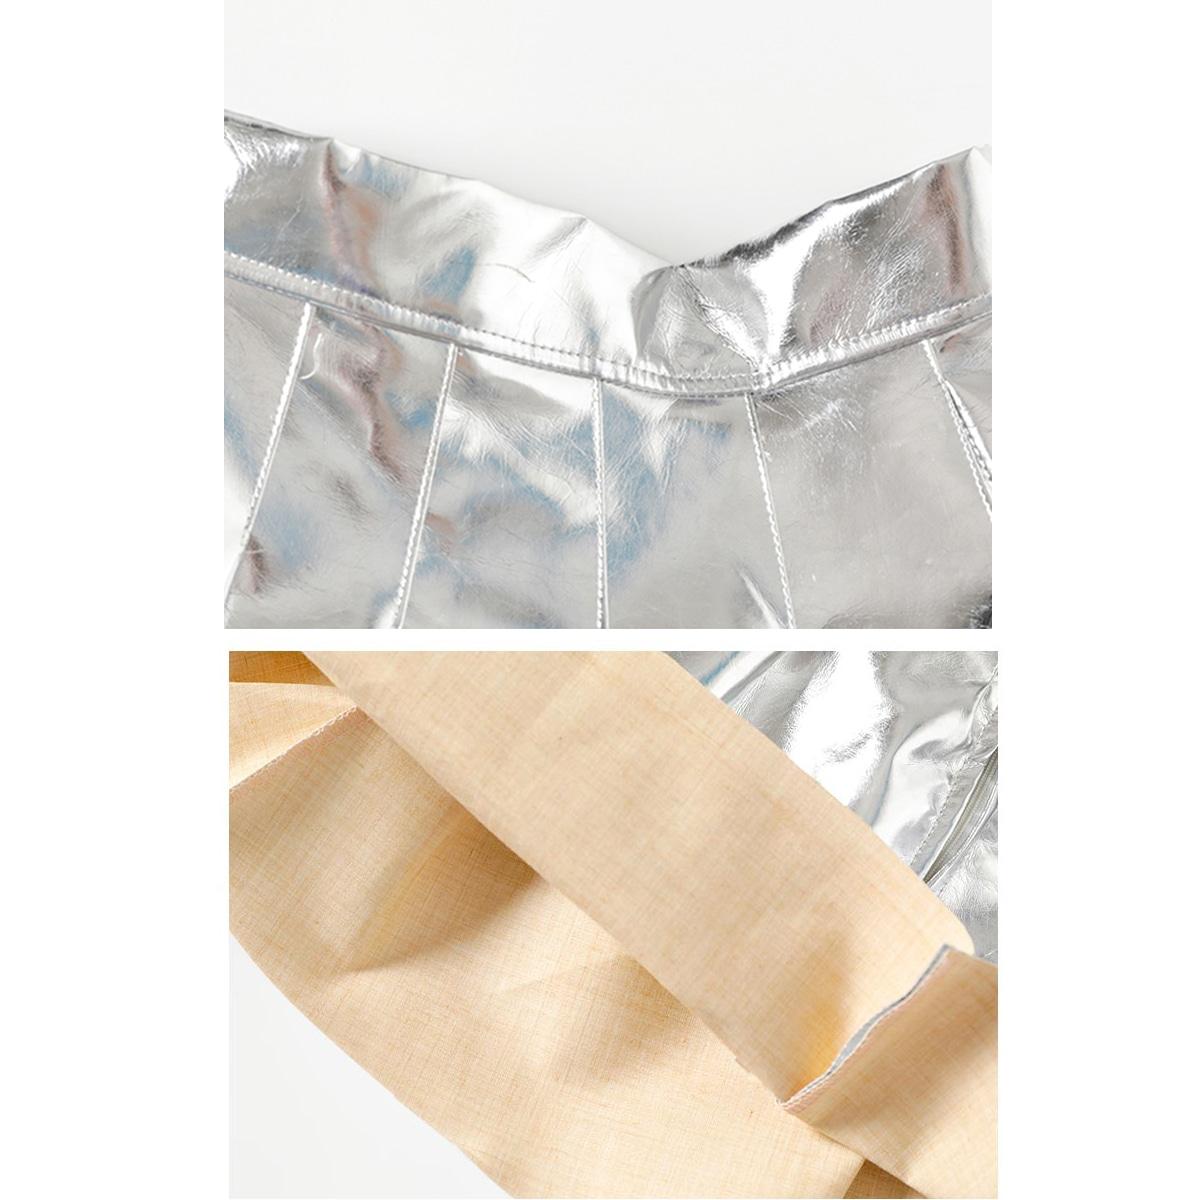 キッズダンス衣装のキラキラスパンコールセットアップ(紫×シルバー) スカート